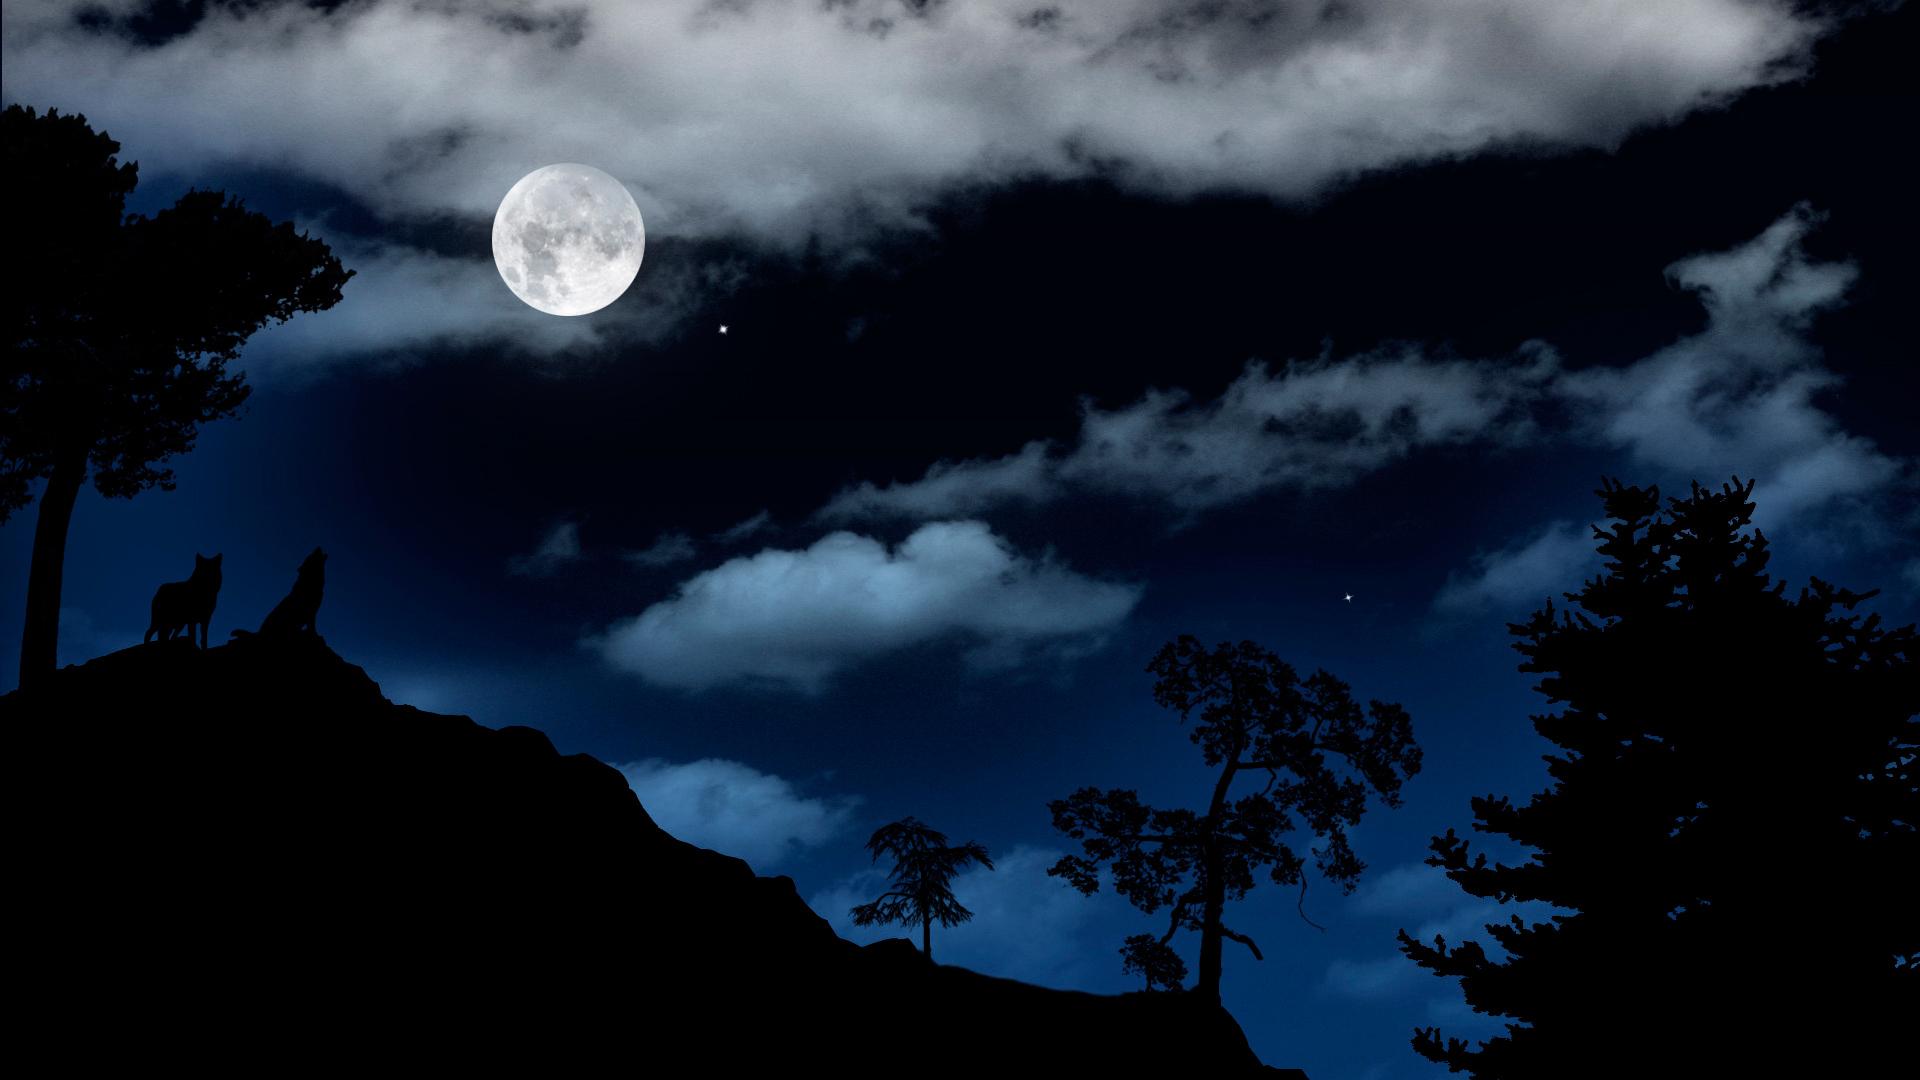 Удивительная красота лунной ночи, которая сводит с ума